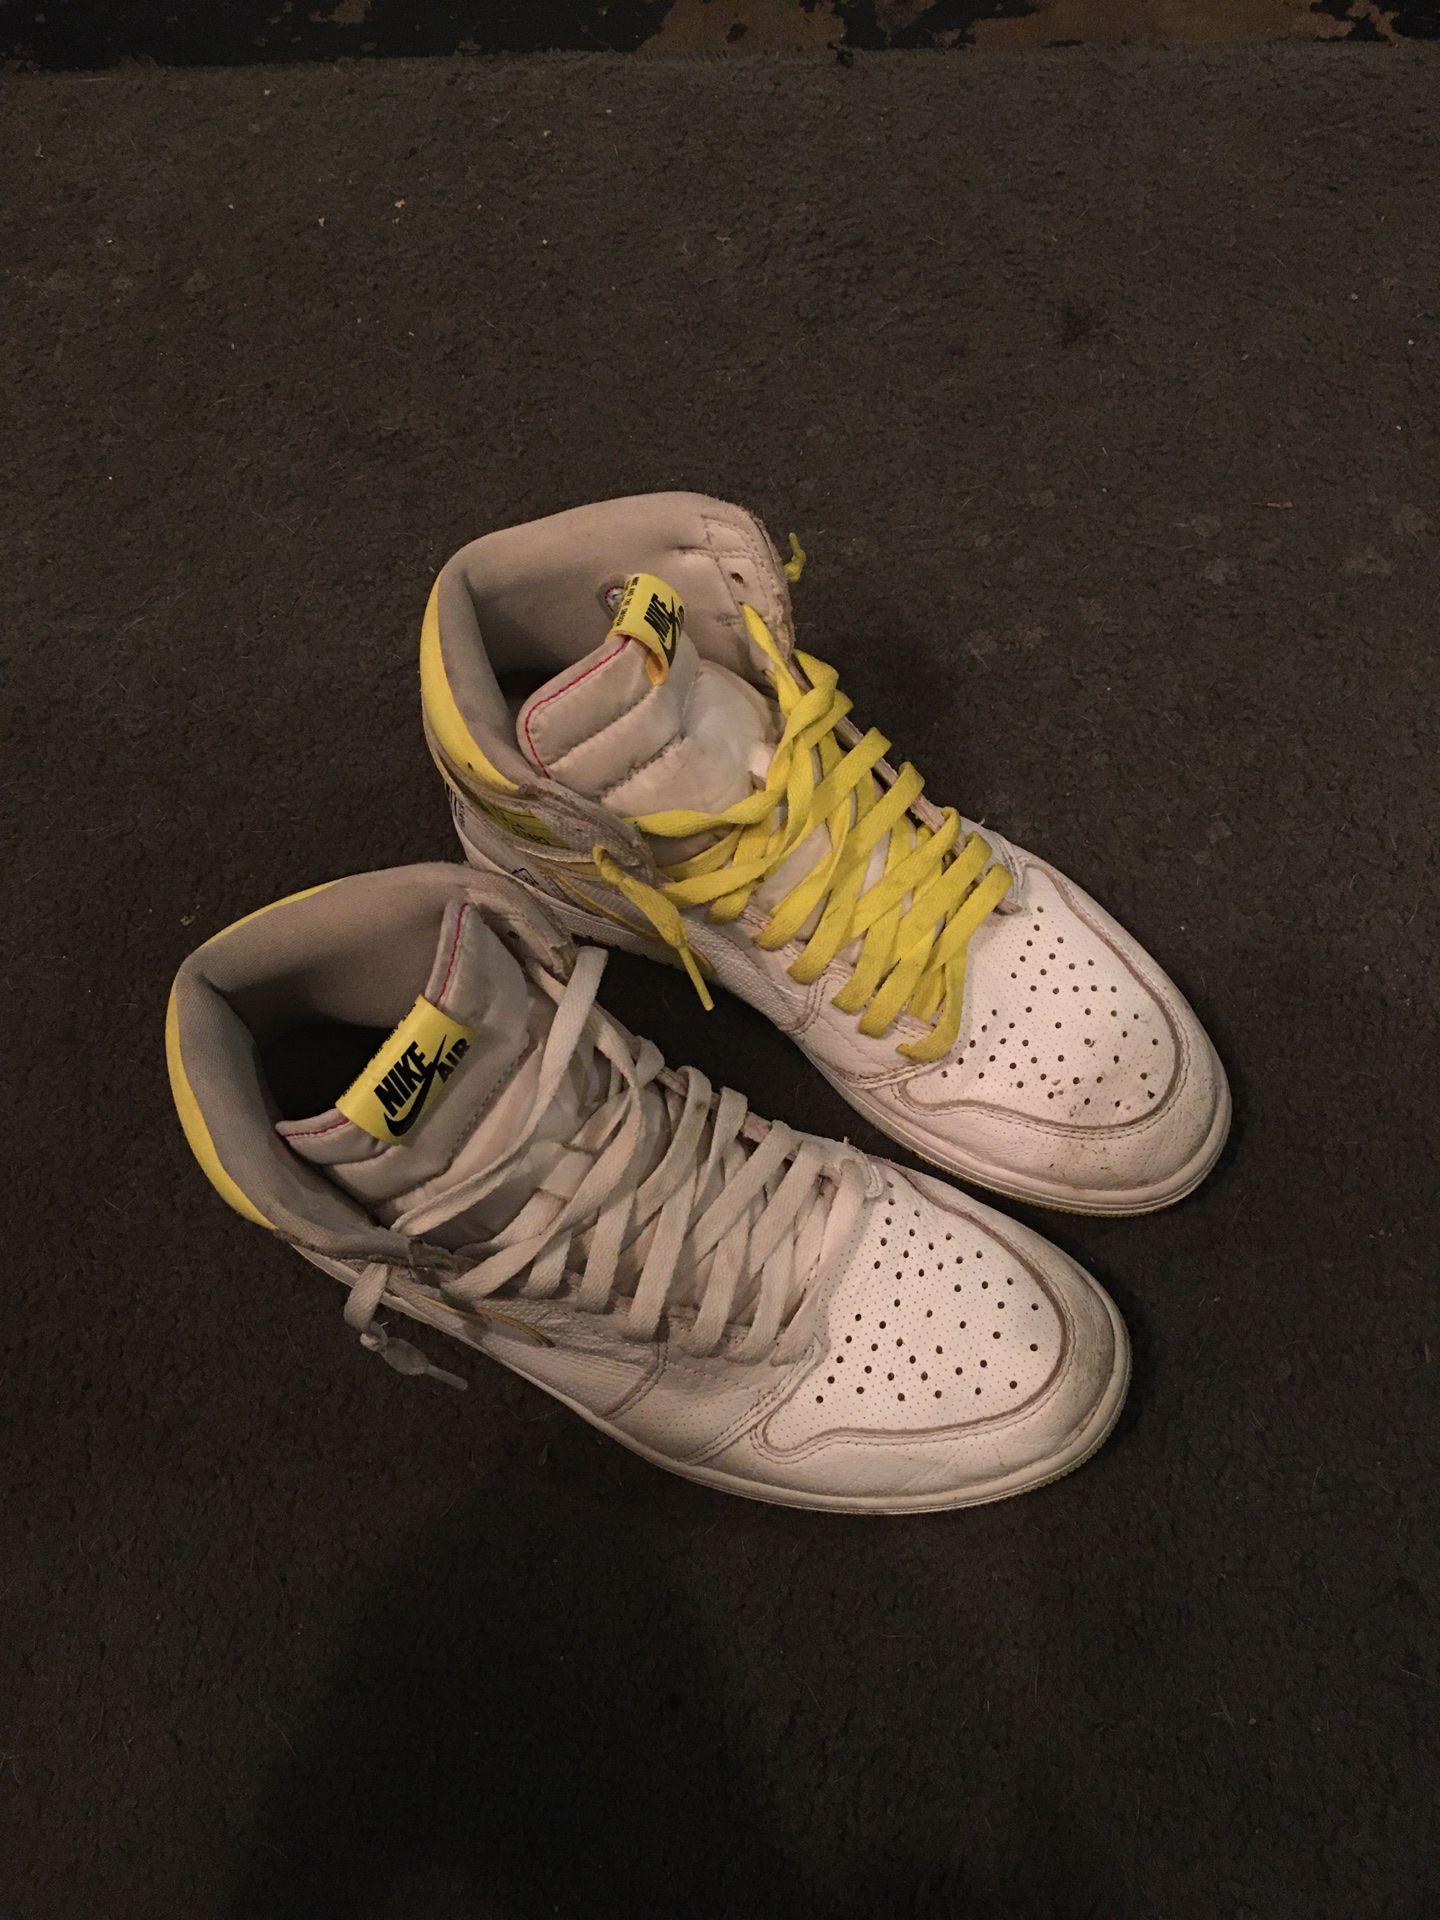 Jordan 1s Exclusive